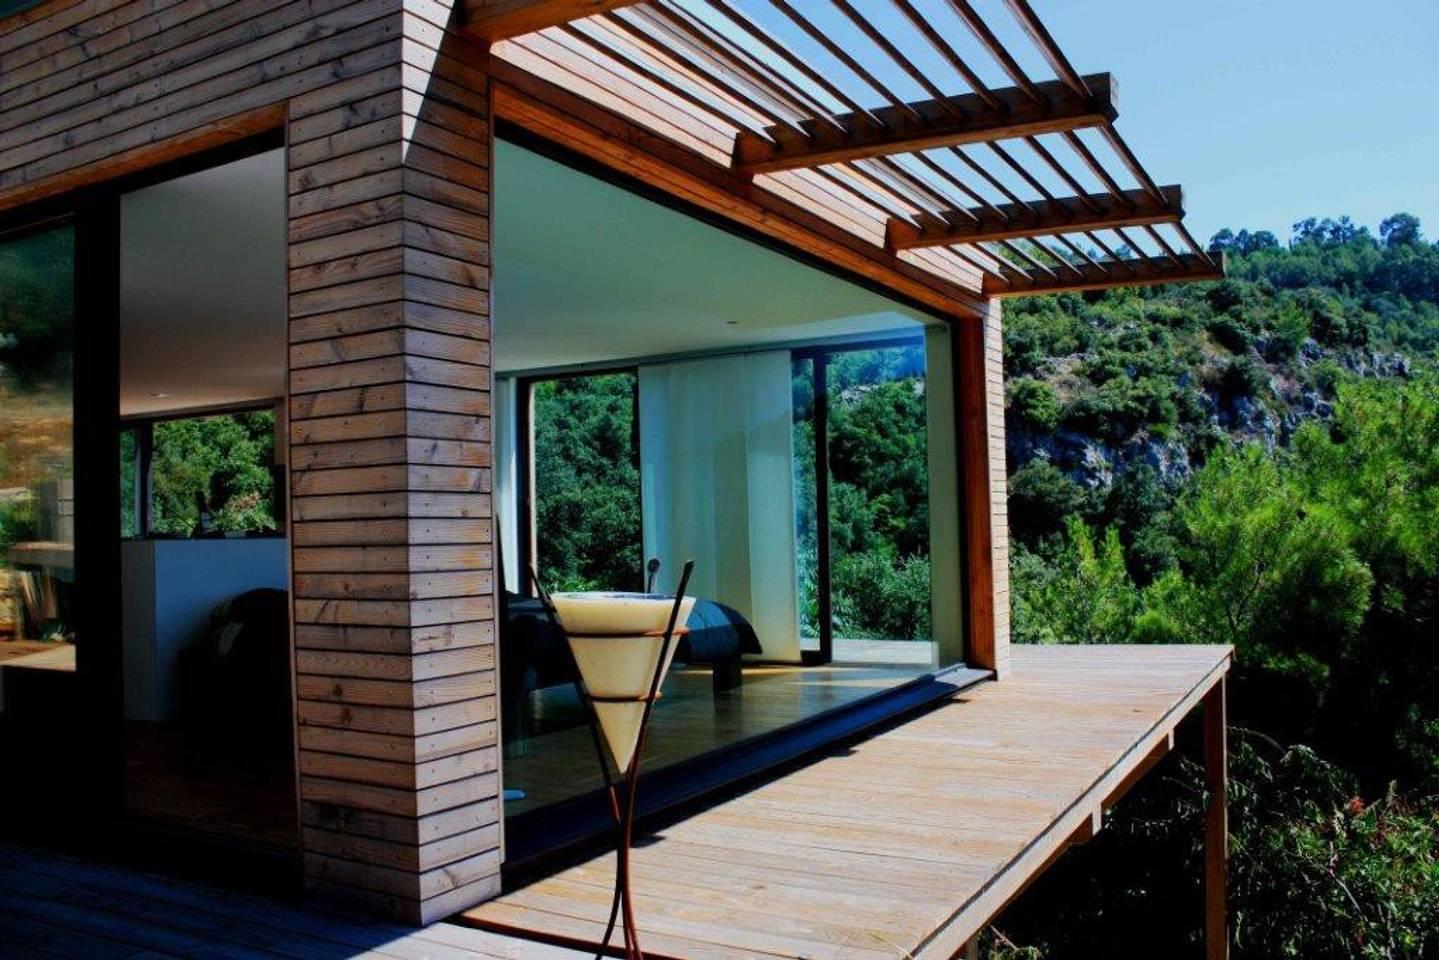 13 Best Airbnb Venues in Nice